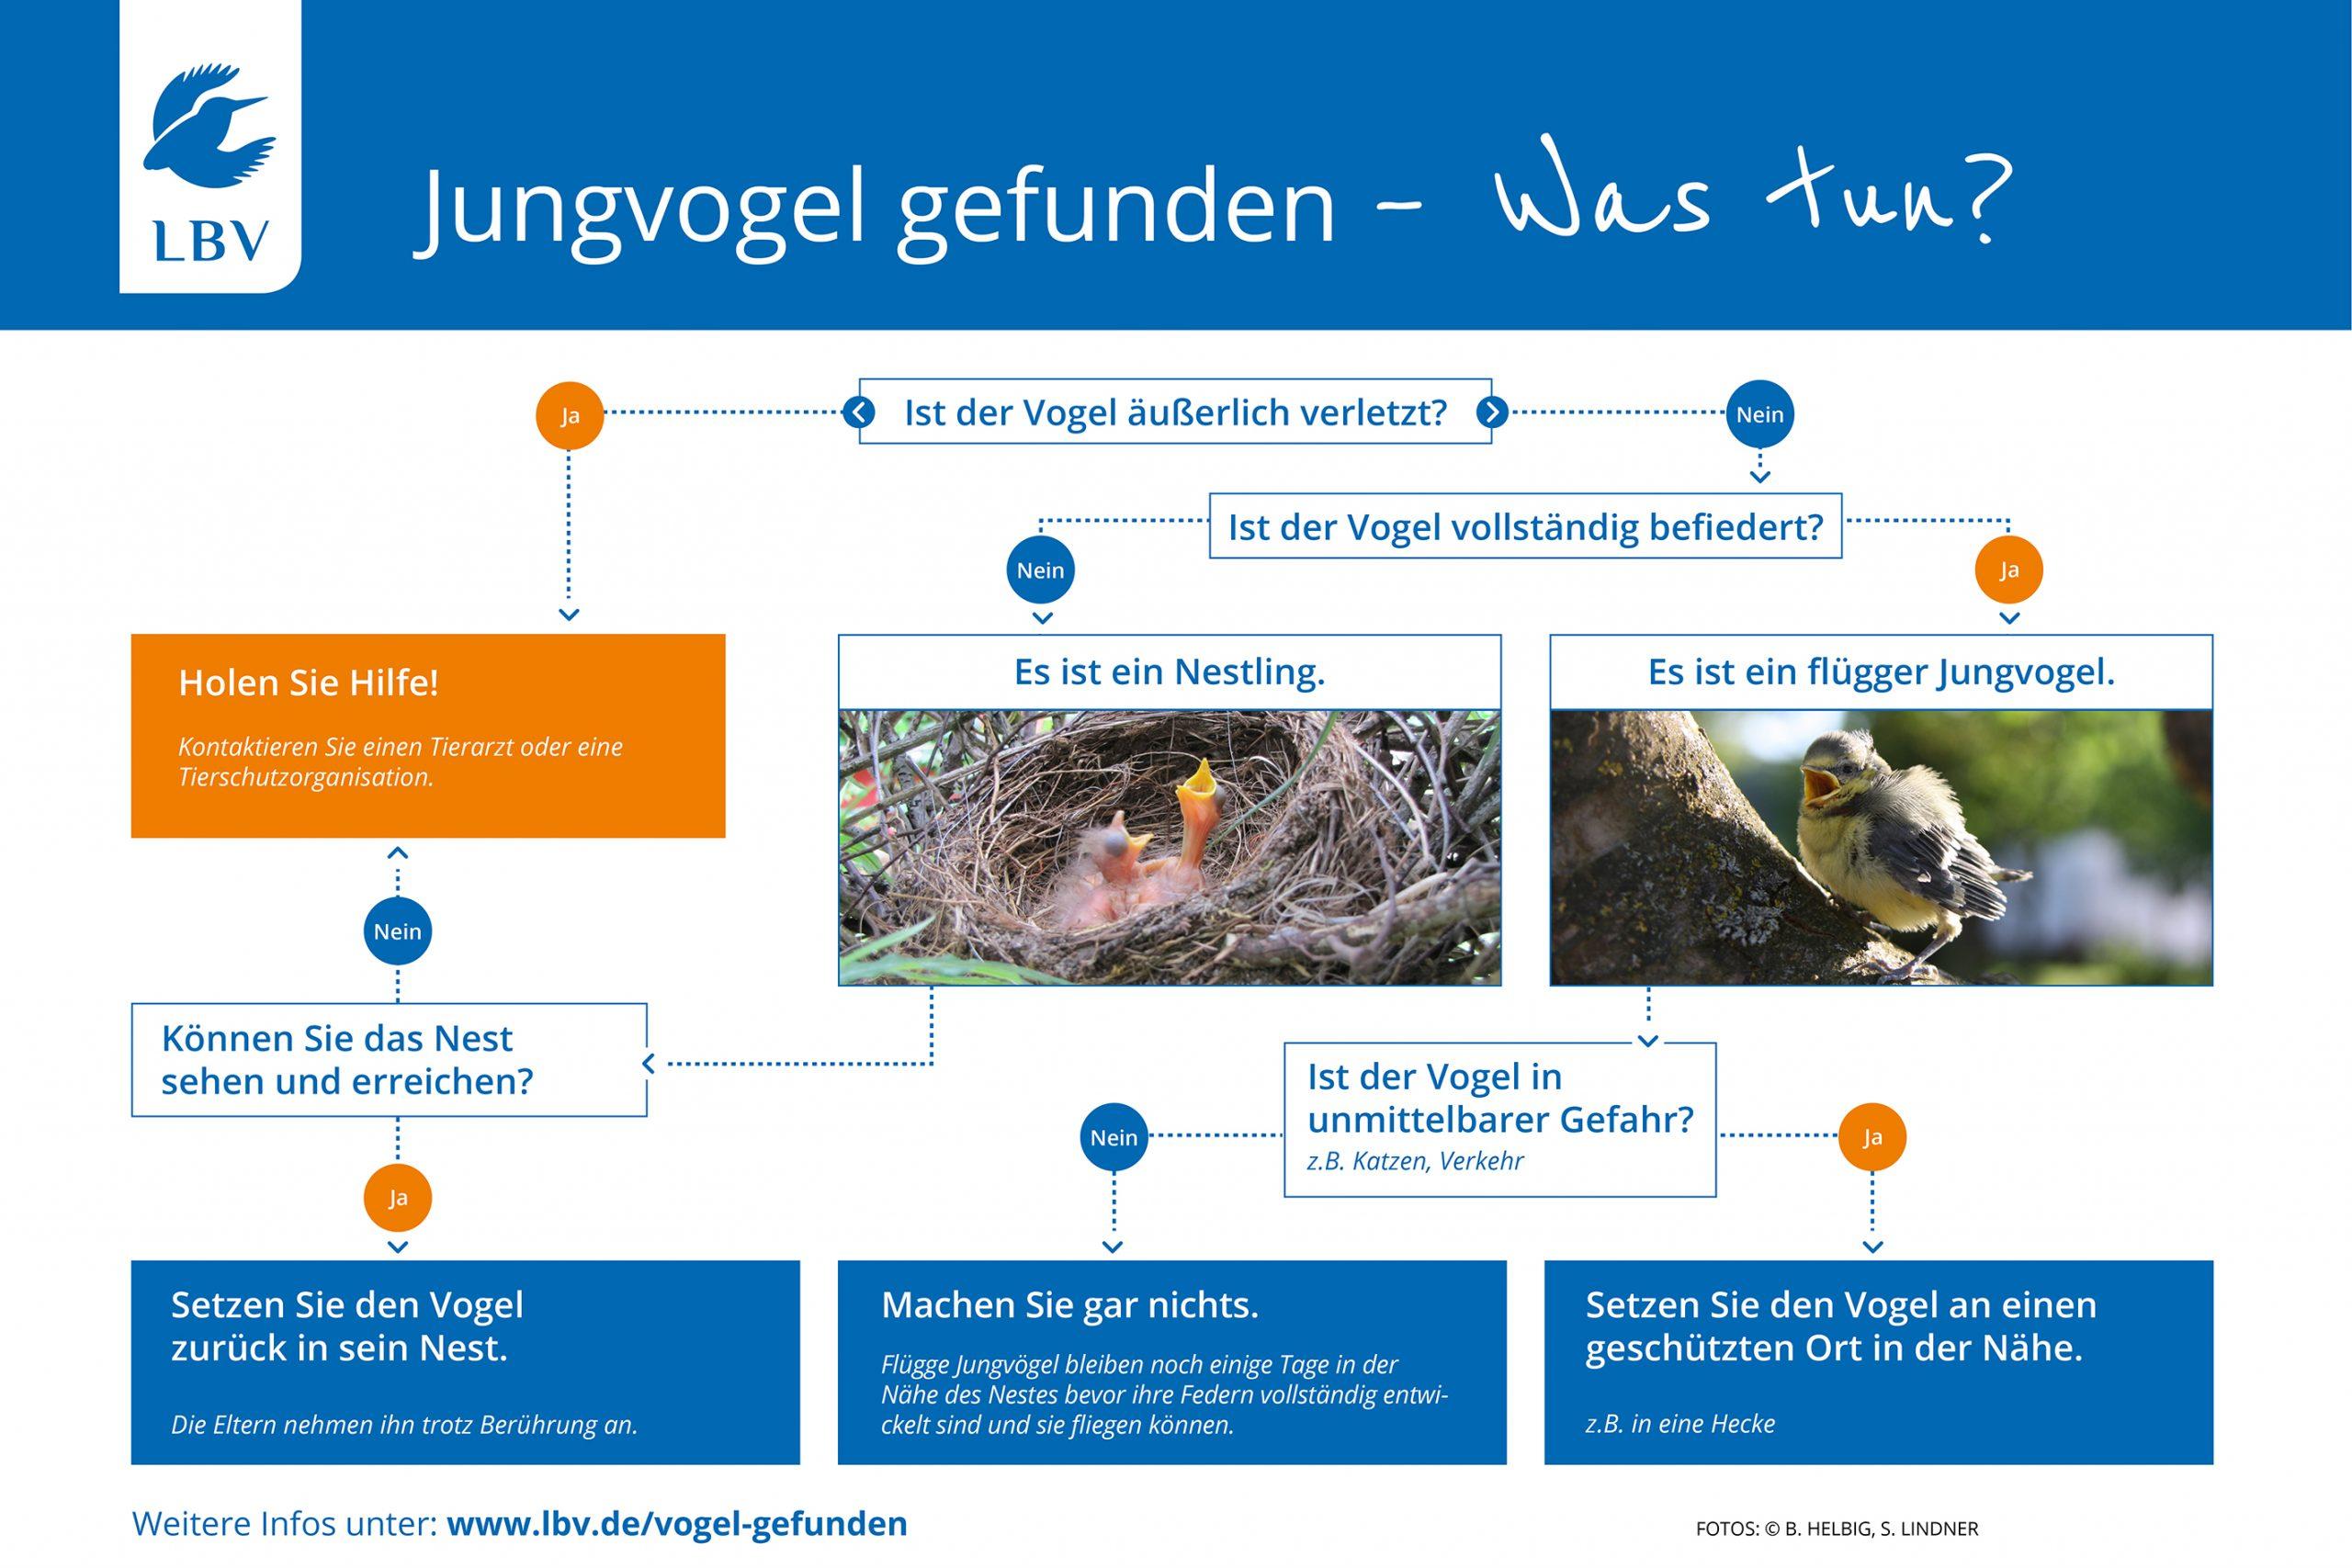 Rosin Tiergesundheit - Blog - Jungvogel gefunden – was tun?